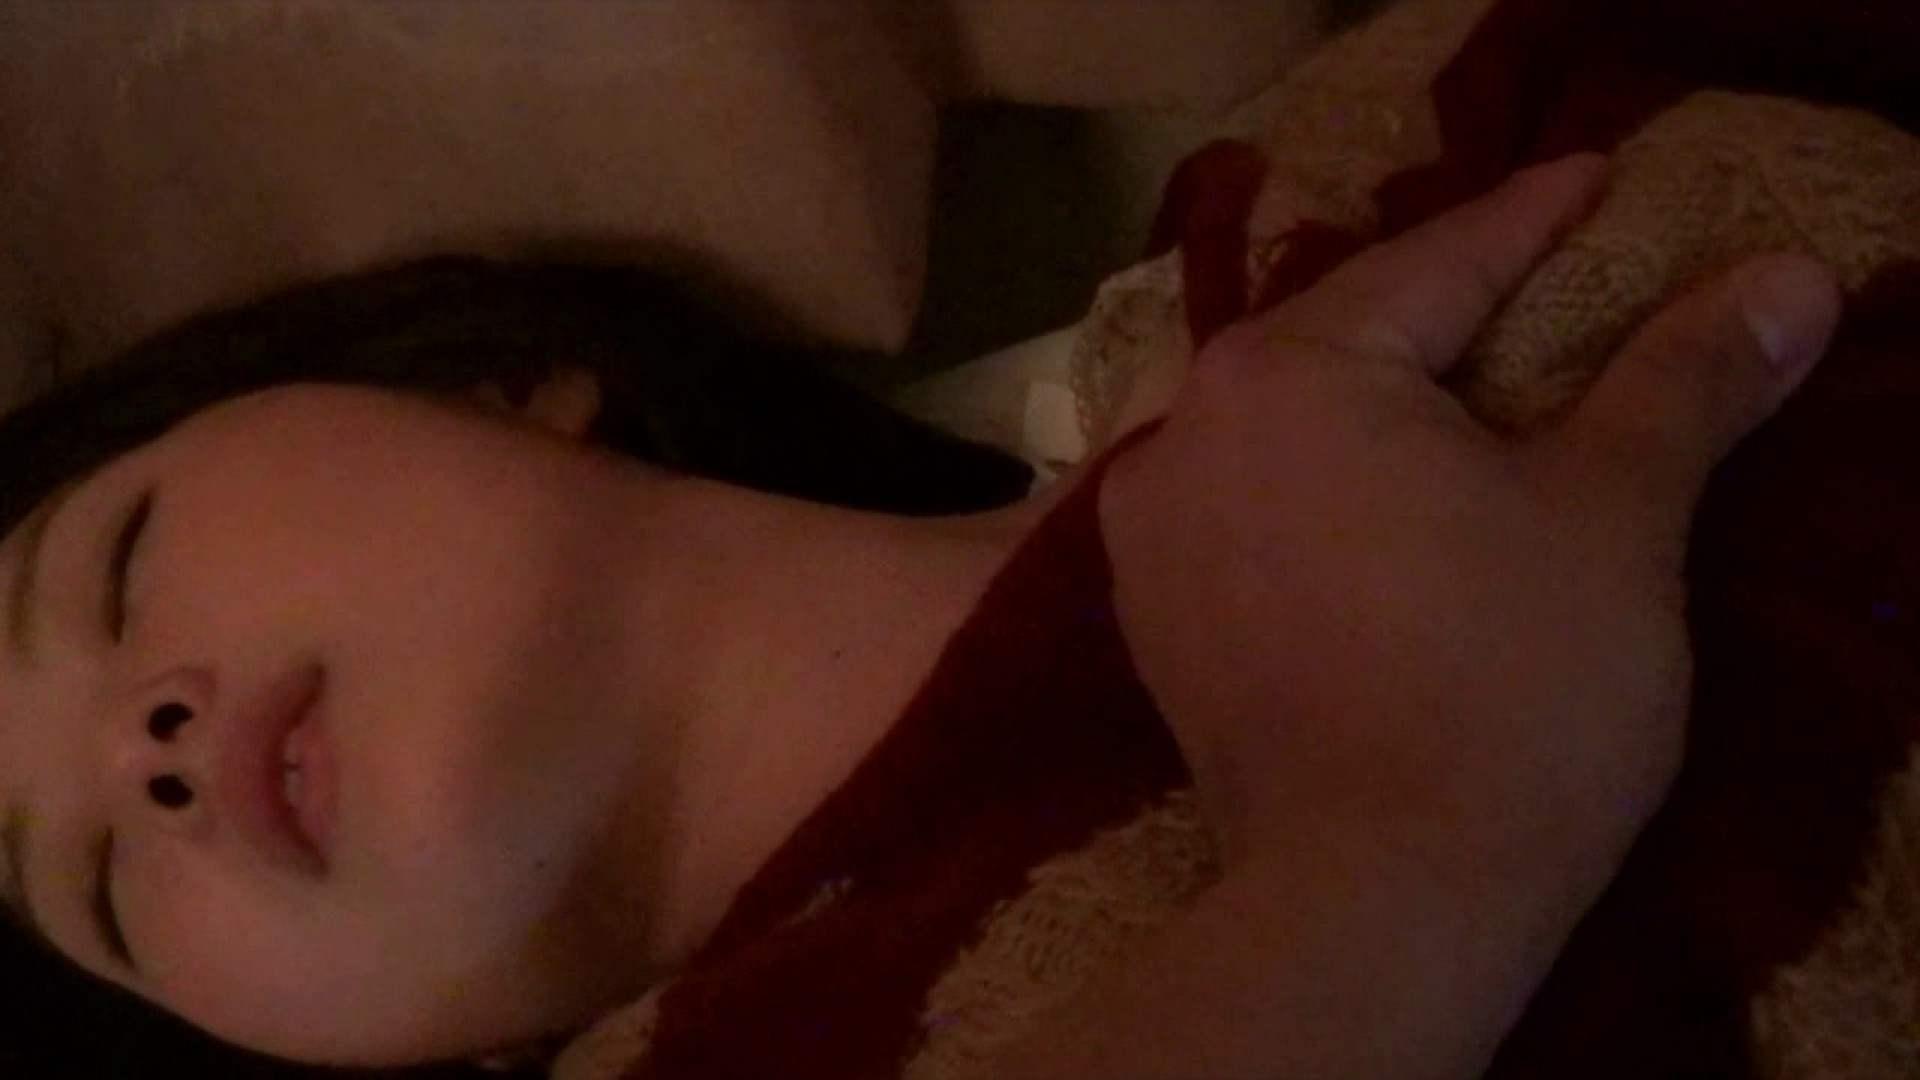 魔術師の お・も・て・な・し vol.29 女子大生のもてなし方 独身エッチOL | 女子大生  59pic 36